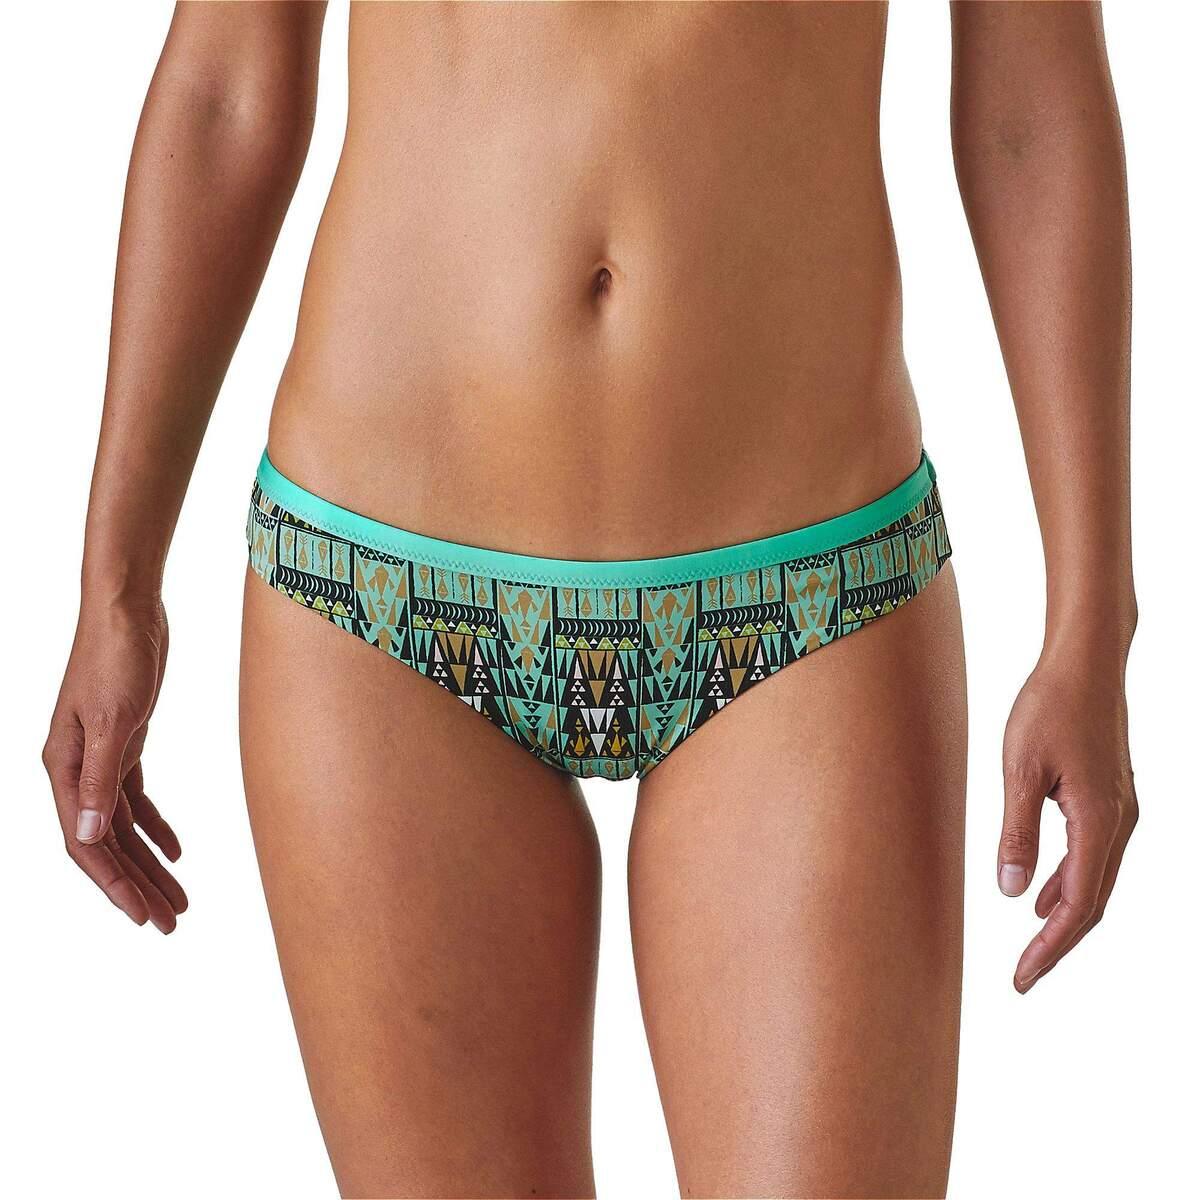 Bild 3 von Patagonia NANOGRIP BOTTOMS Frauen - Bikini